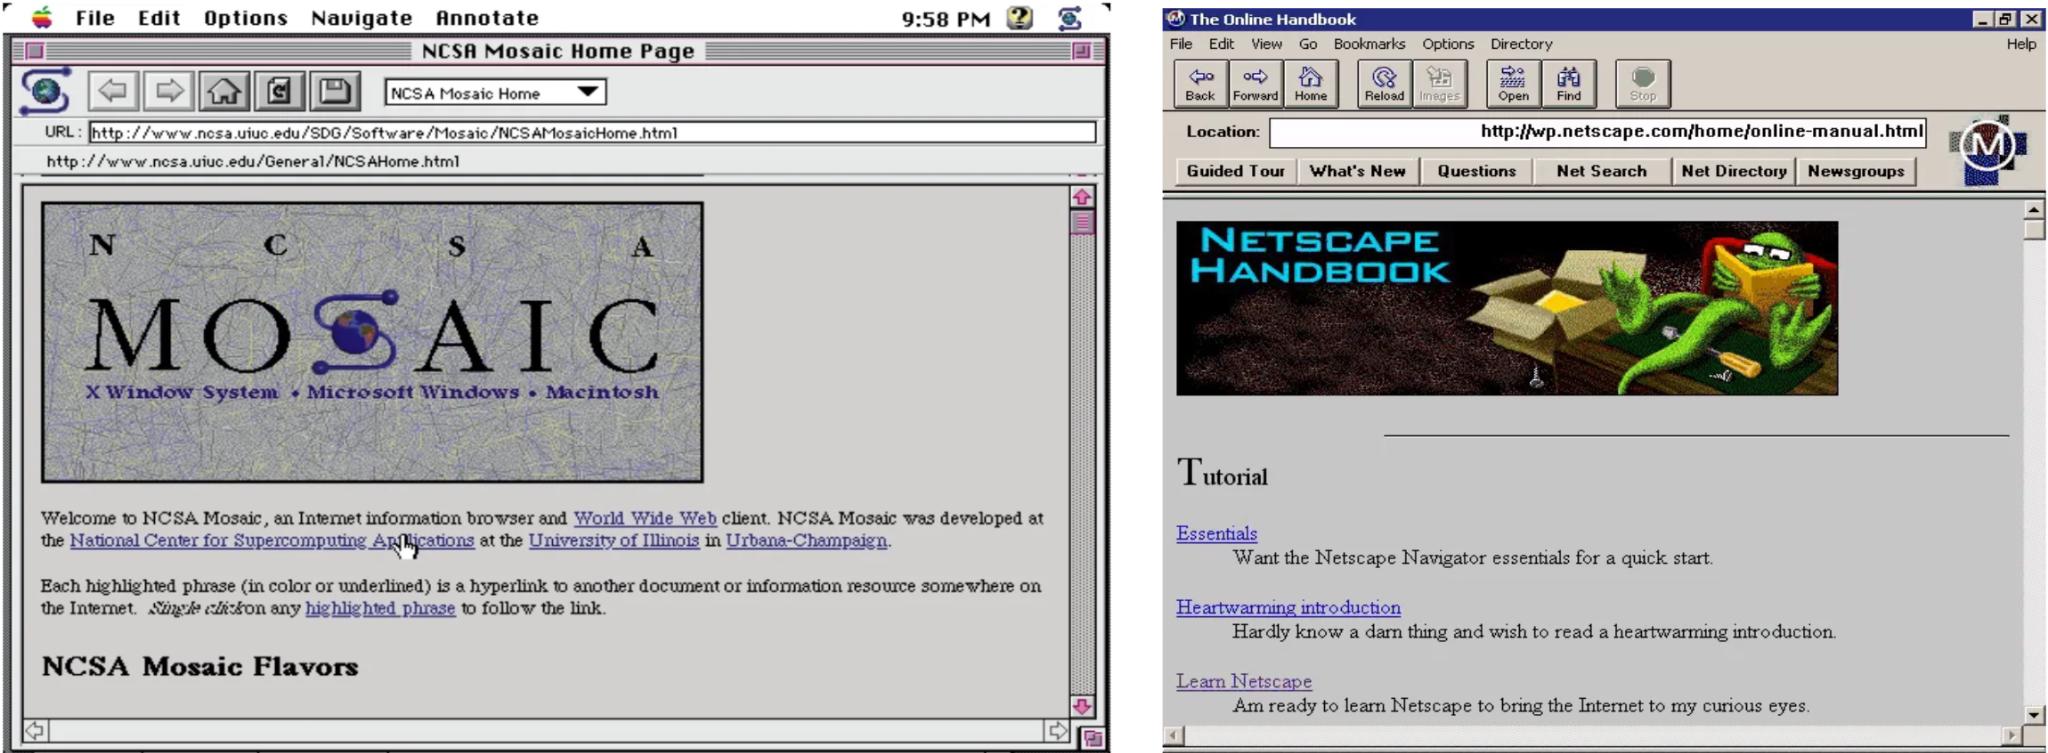 Screenshots of NCSA Mosaic and Netscape 0.9 Beta